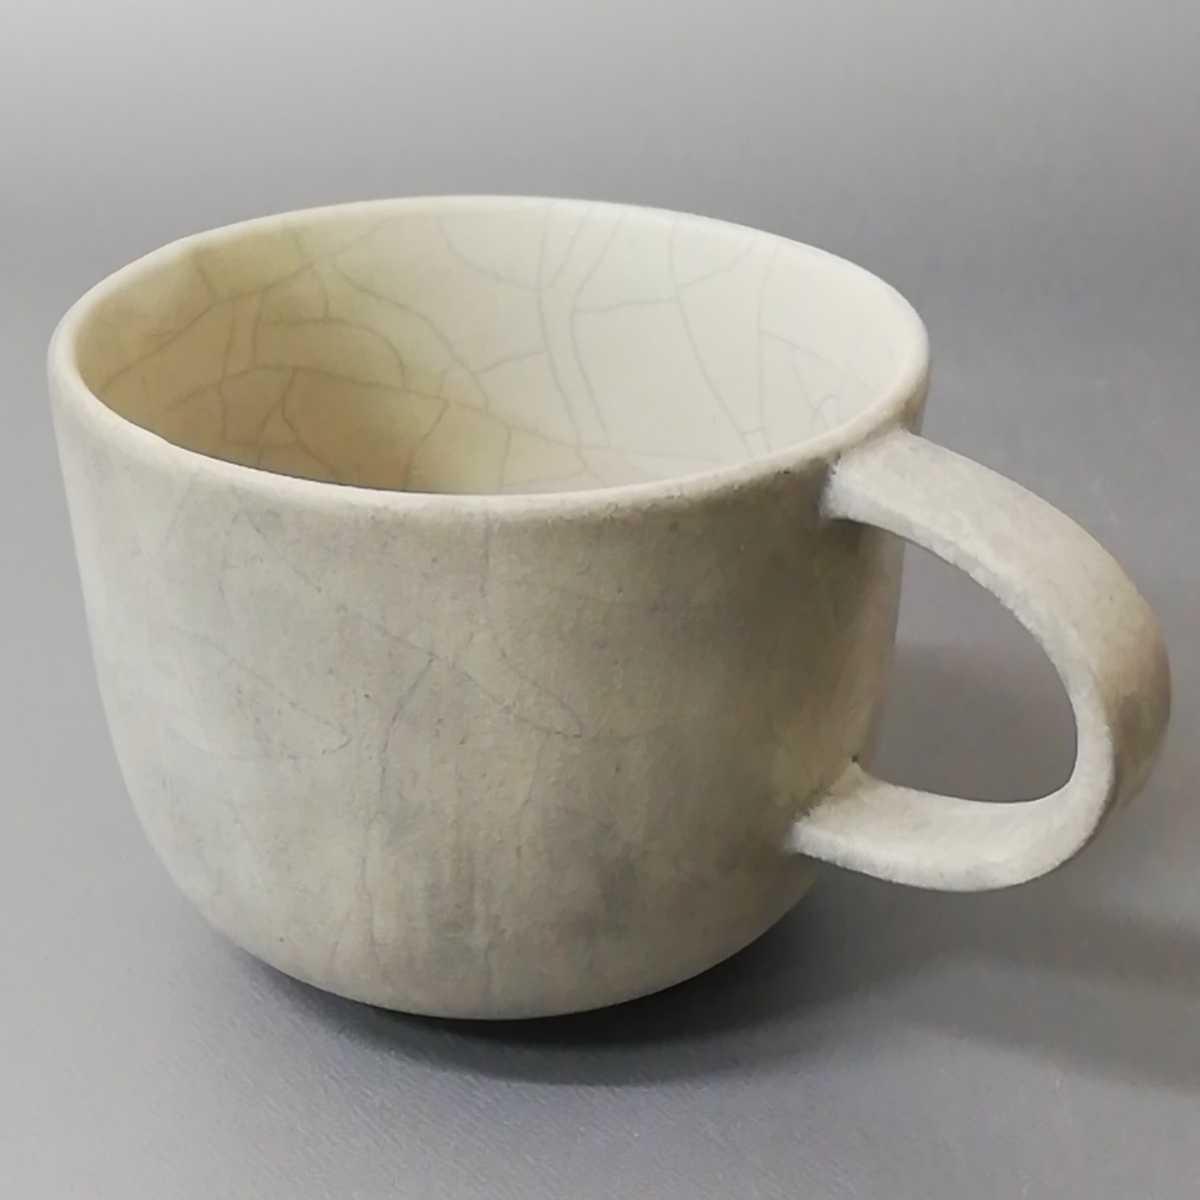 三23)萩焼 コーヒーカップ マグカップ 珈琲器 未使用新品 同梱歓迎_画像8